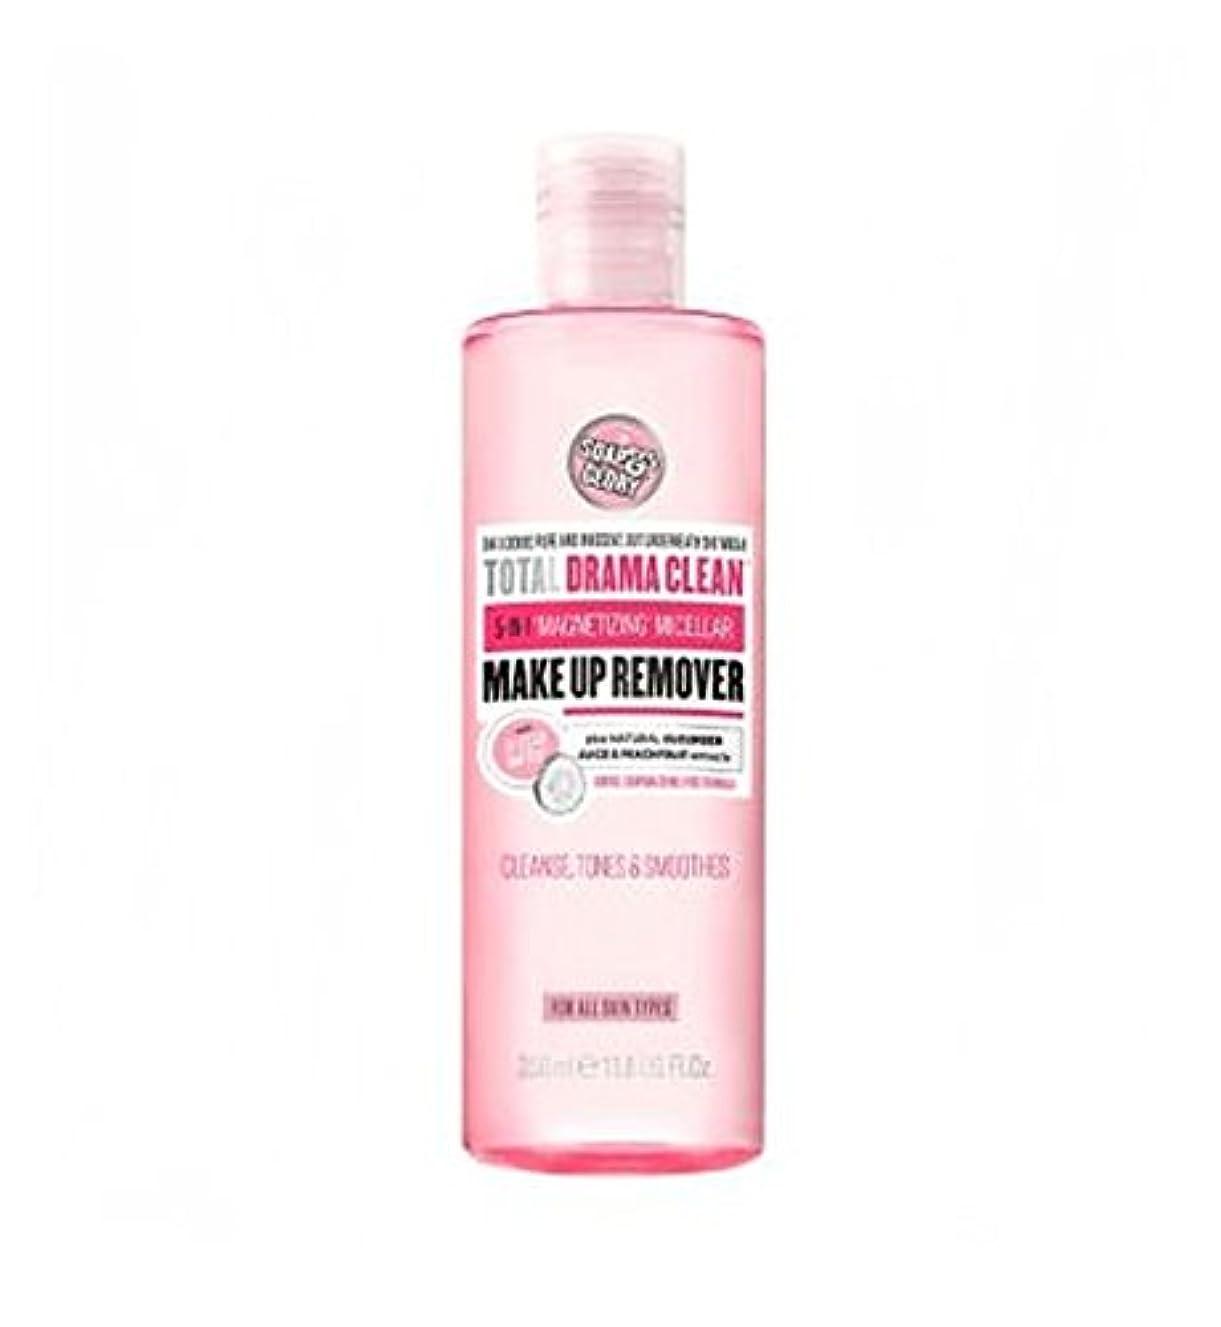 剛性ラッドヤードキップリング落胆させる石鹸&栄光のドラマクリーン?5-In-1のミセル洗浄水350ミリリットル (Soap & Glory) (x2) - Soap & Glory DRAMA CLEAN? 5-in-1 Micellar Cleansing Water 350ml (Pack of 2) [並行輸入品]